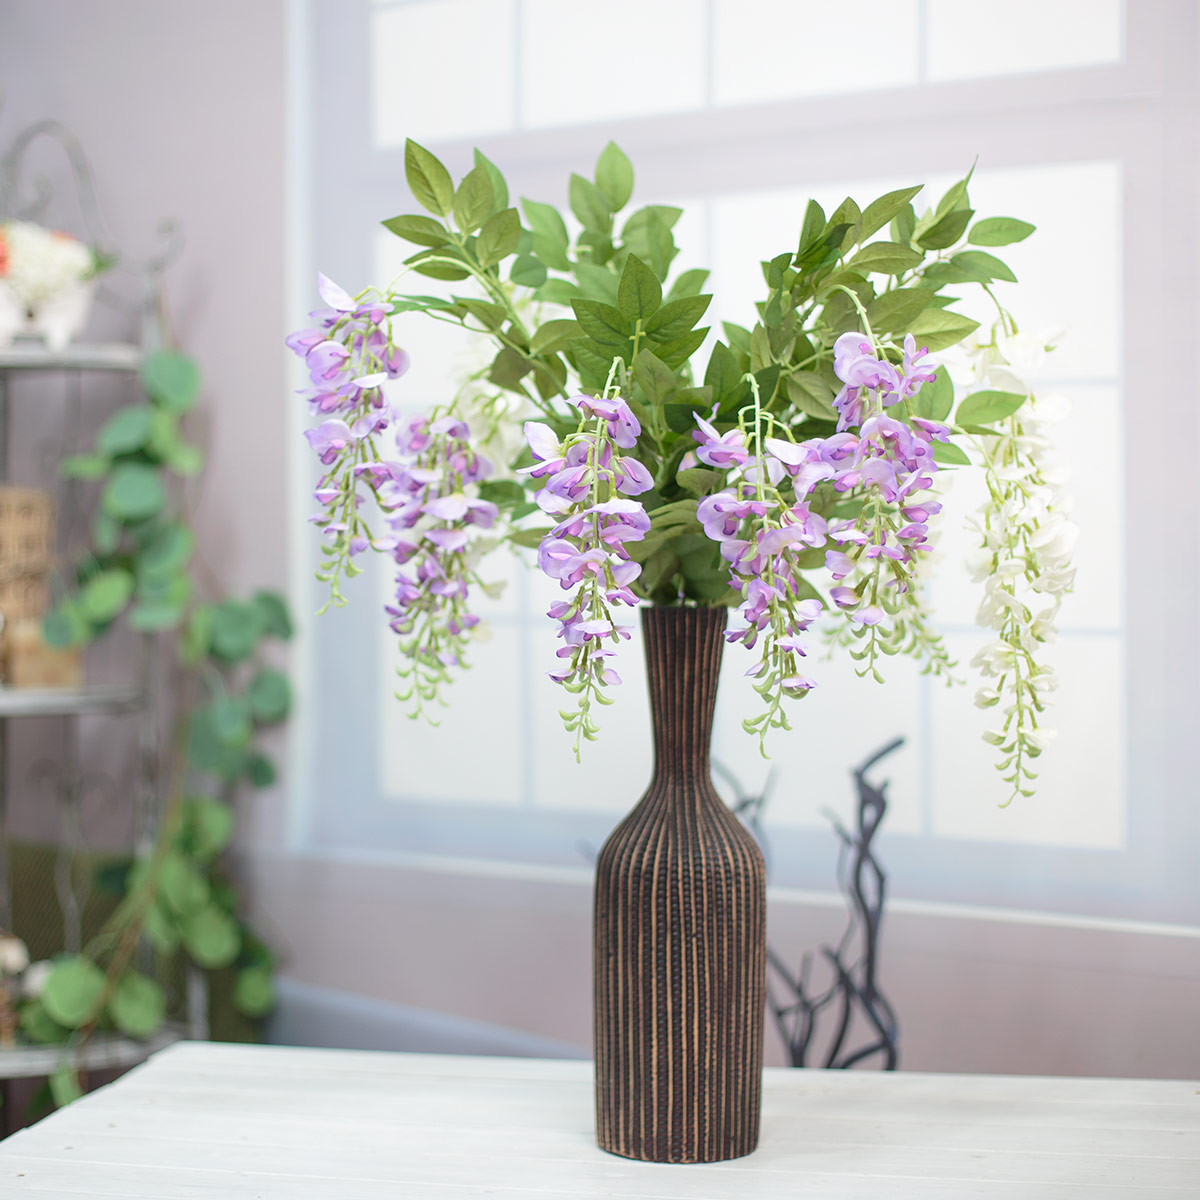 위스테리아 등나무 꽃 가지 화병 샘플 이미지1